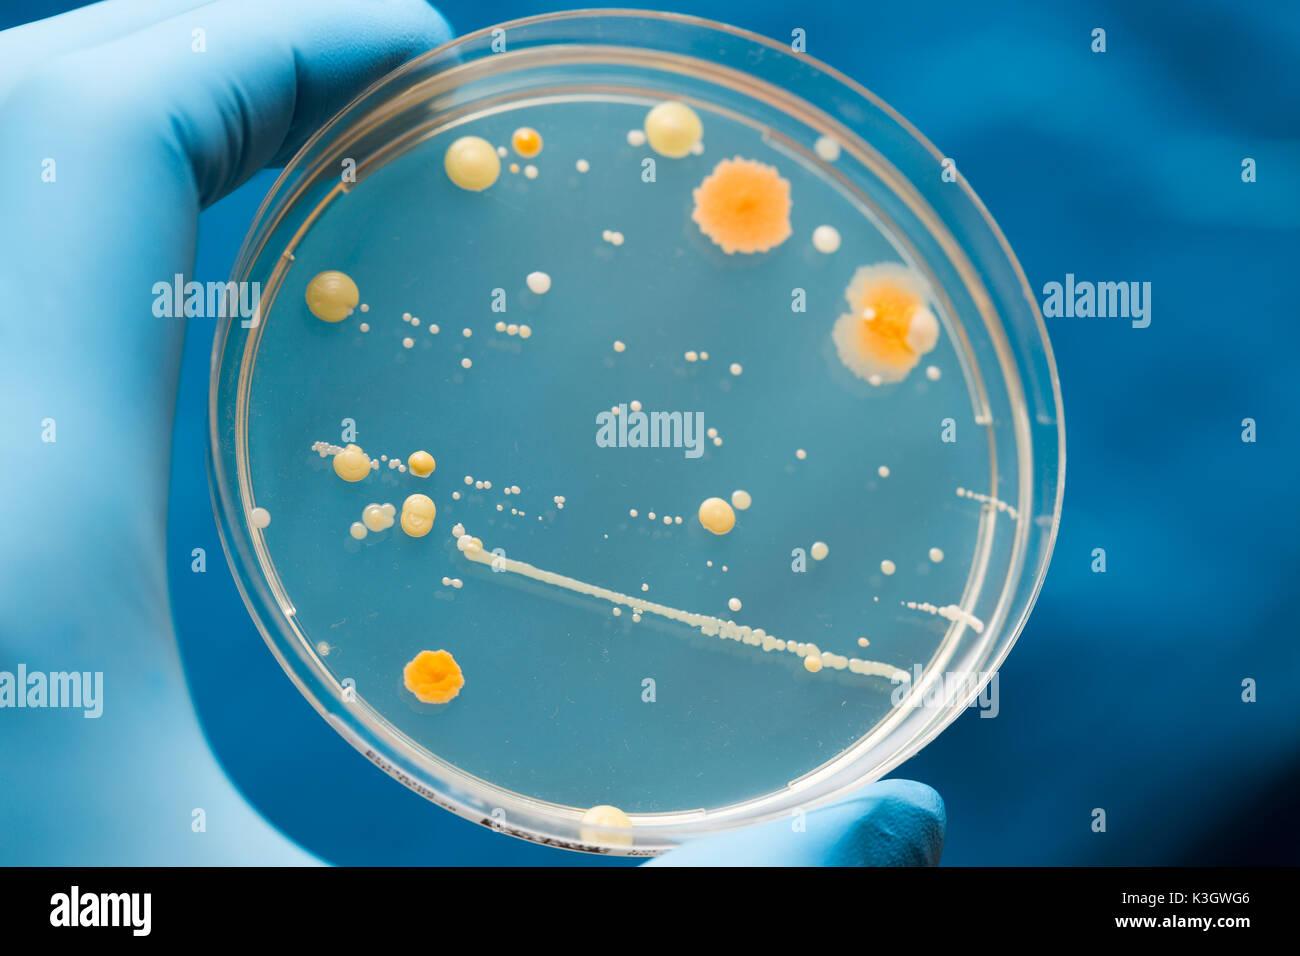 Eine Petrischale mit wachsenden Kulturen von Mikroorganismen, Pilze und Mikroben. Eine Petrischale (Petrie Teller) als Petrischalen oder Zelle bekannt - kulturschale Stockfoto